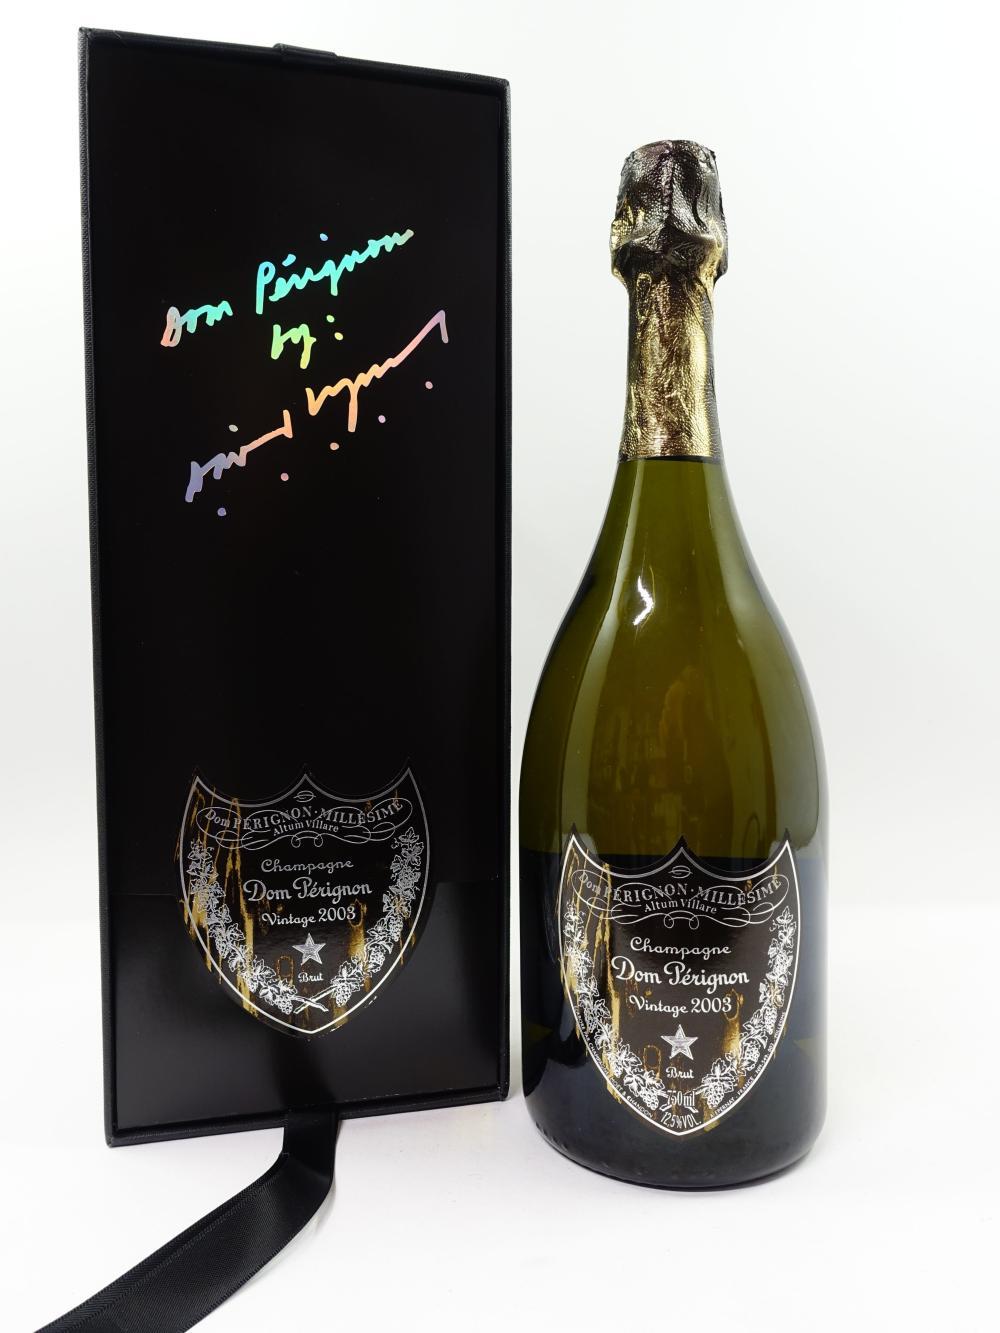 1 bouteille CHAMPAGNE DOM PERIGNON 2003 Edition David Lynch Coffret d'origine